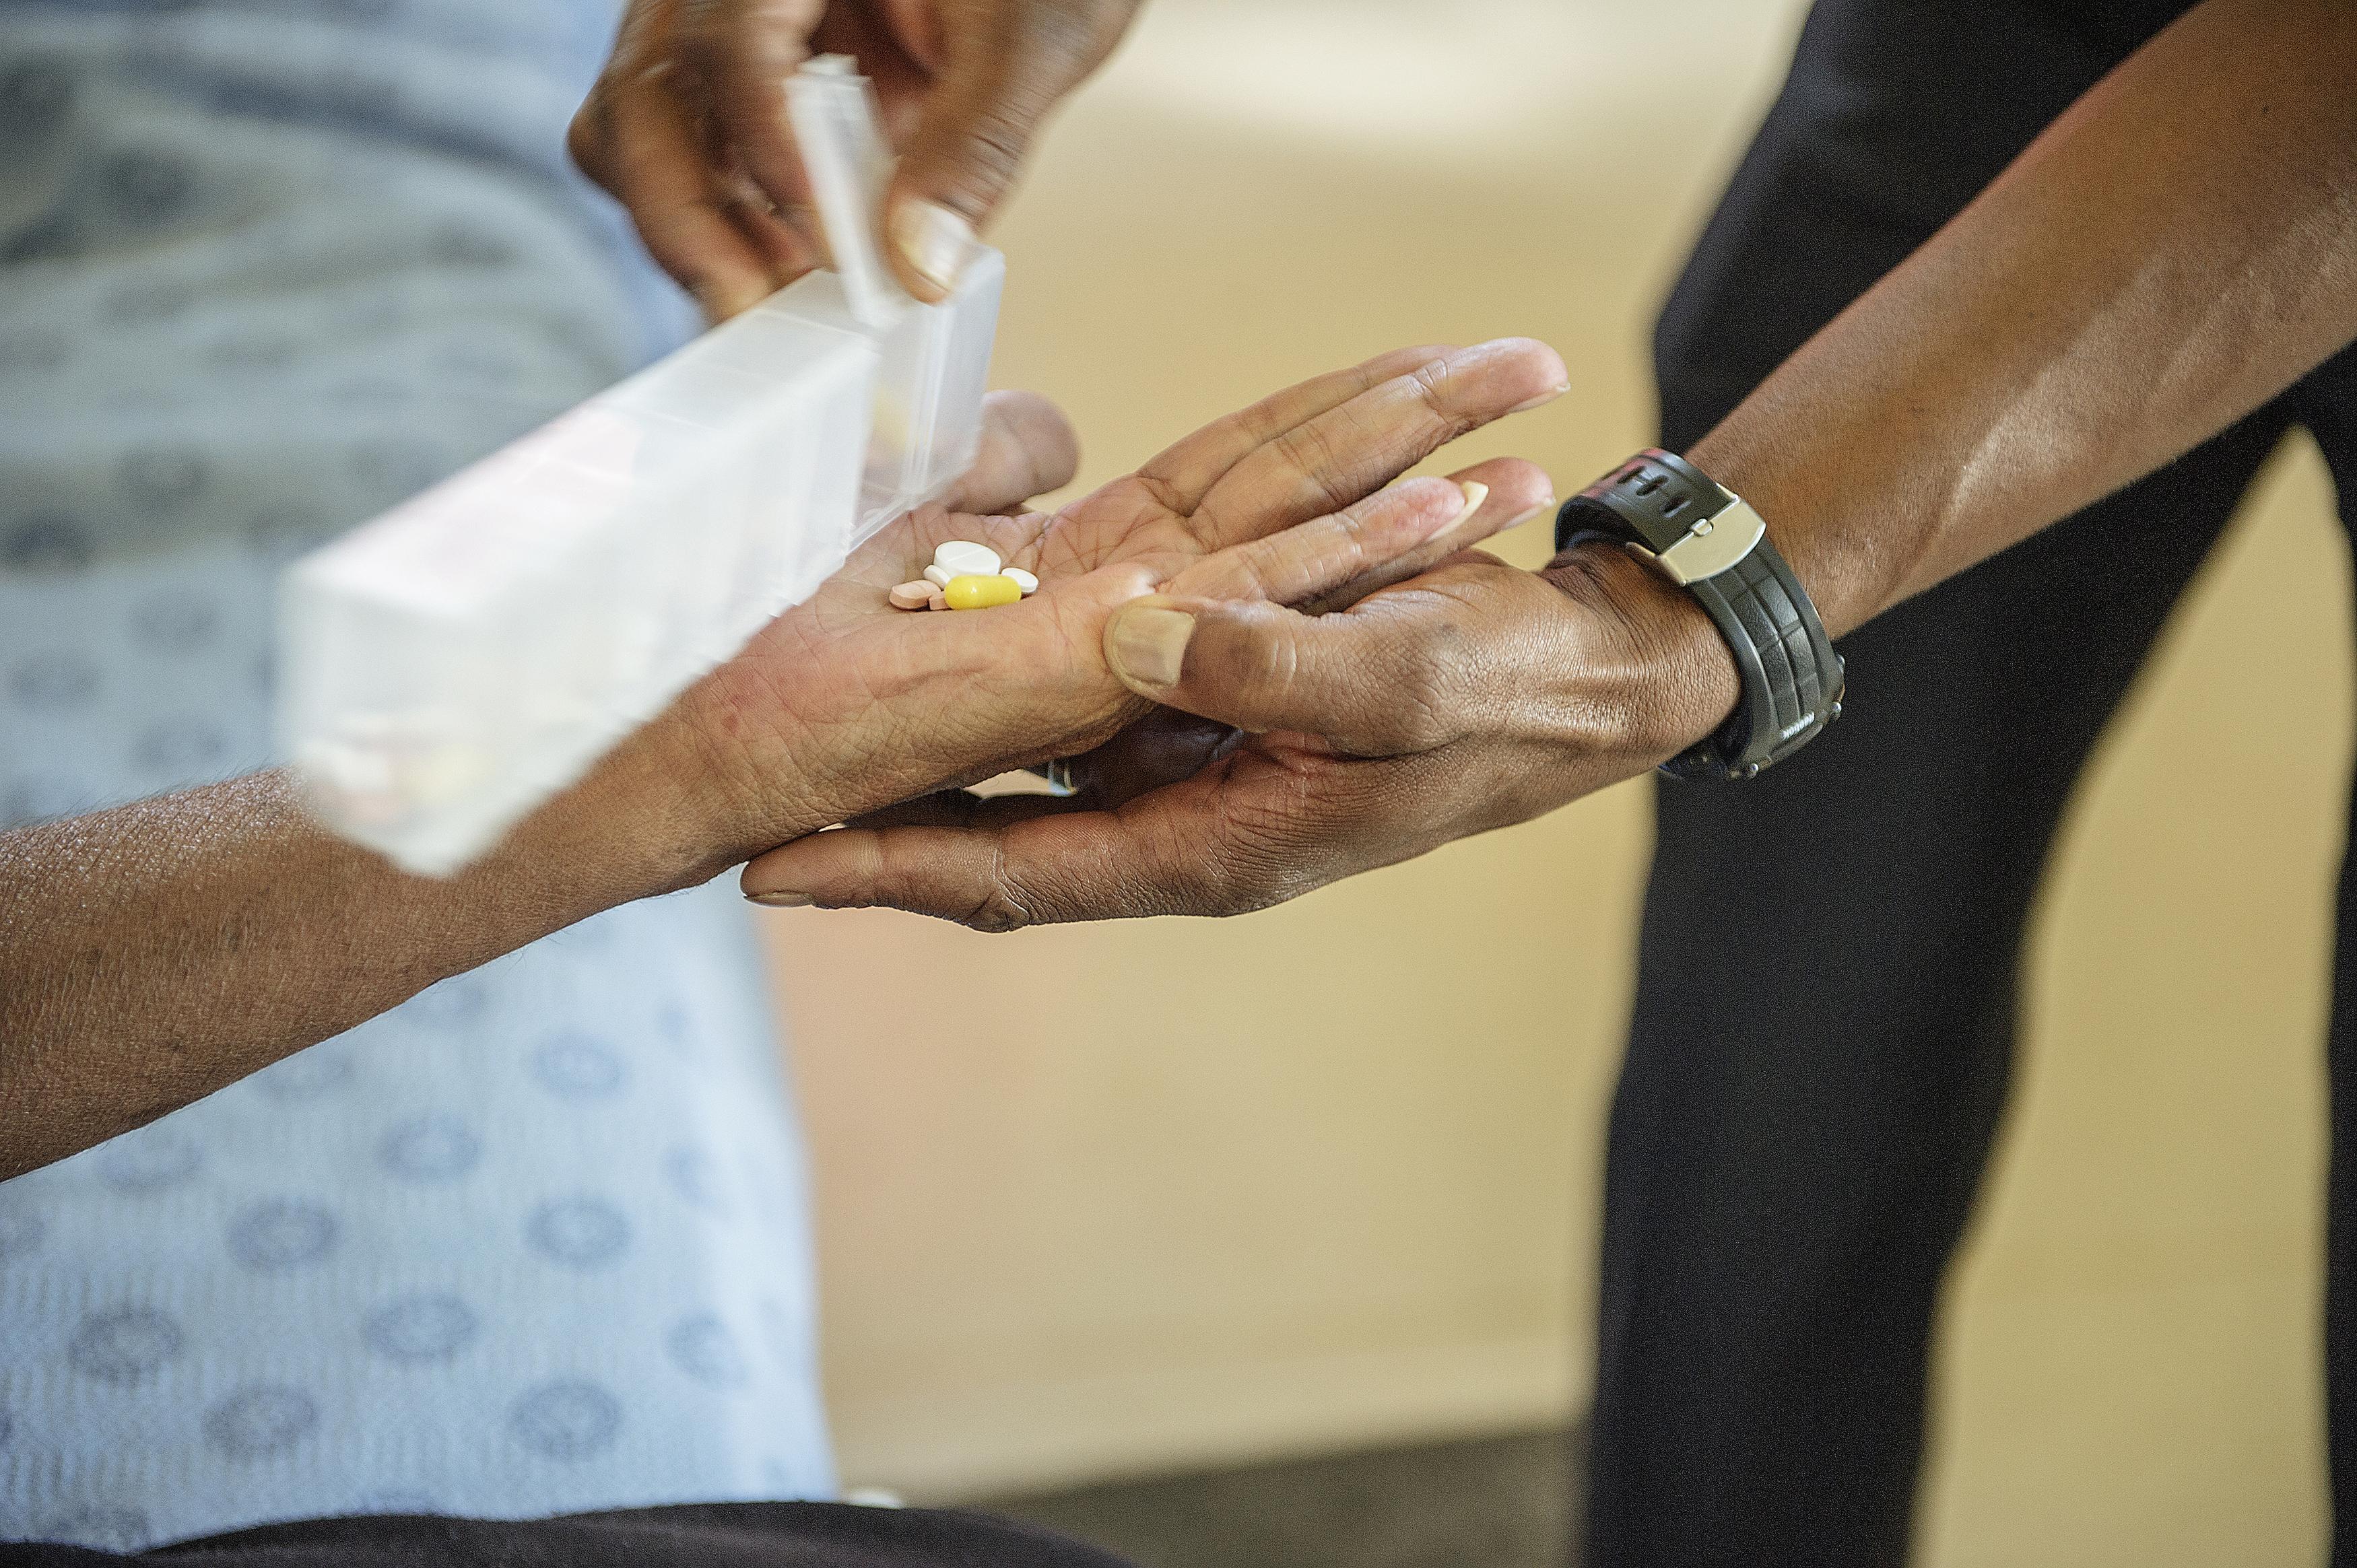 Ministro diz que ainda há trabalho a fazer para diminuir casos de tuberculose